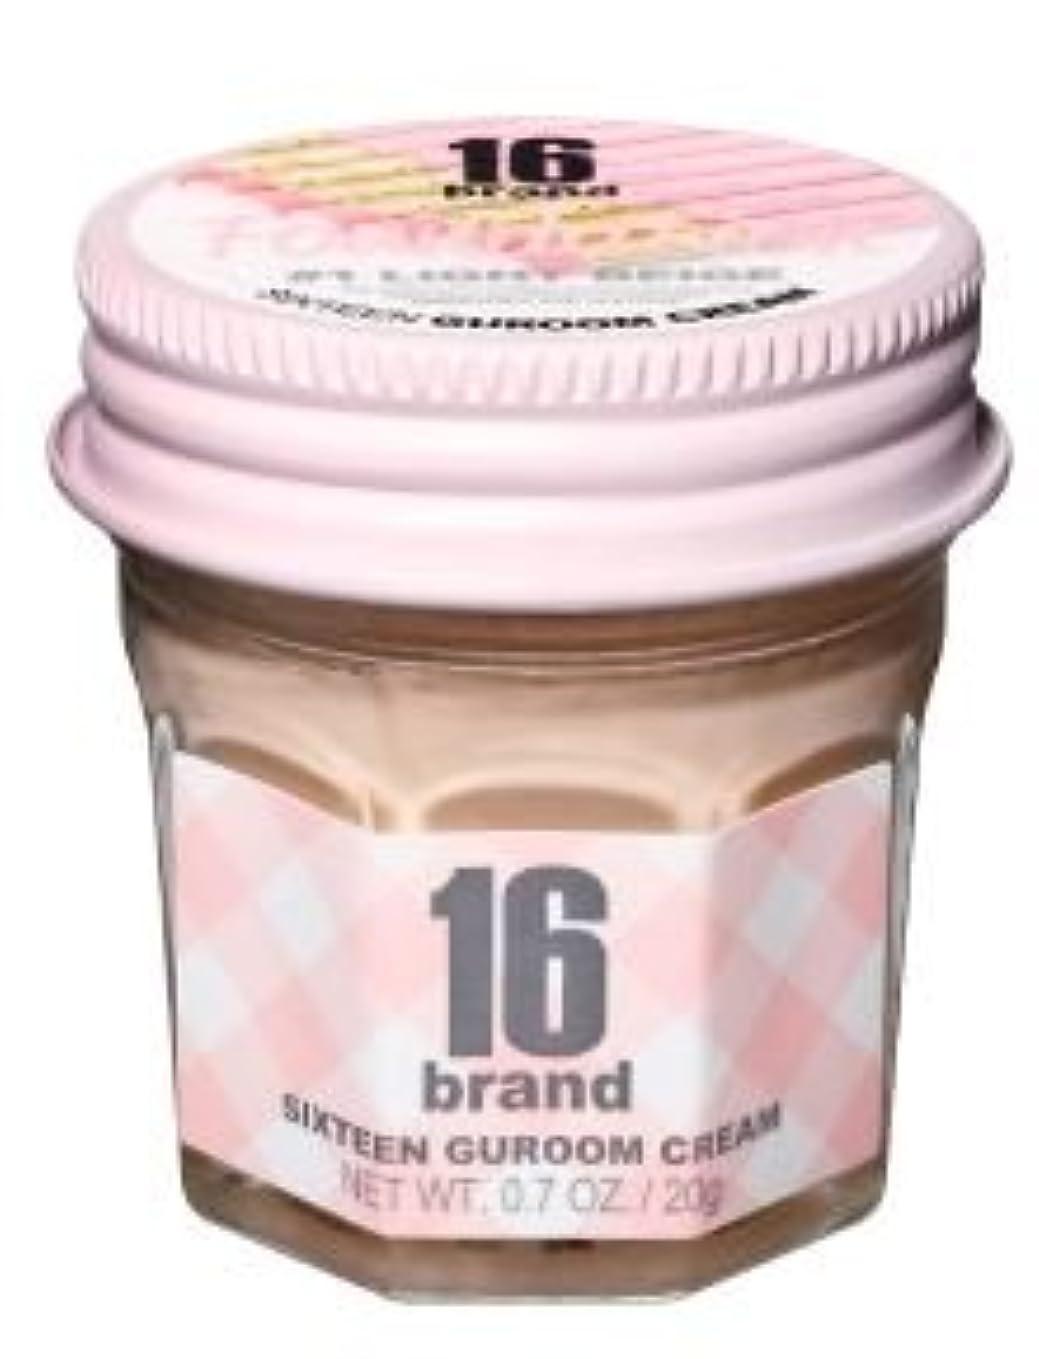 逆説パラメータ優れました16brand Sixteen Guroom Cream Foundation 20g/16ブランド シックスティーン クルム クリーム ファンデーション 20g (#1 Light Beige) [並行輸入品]